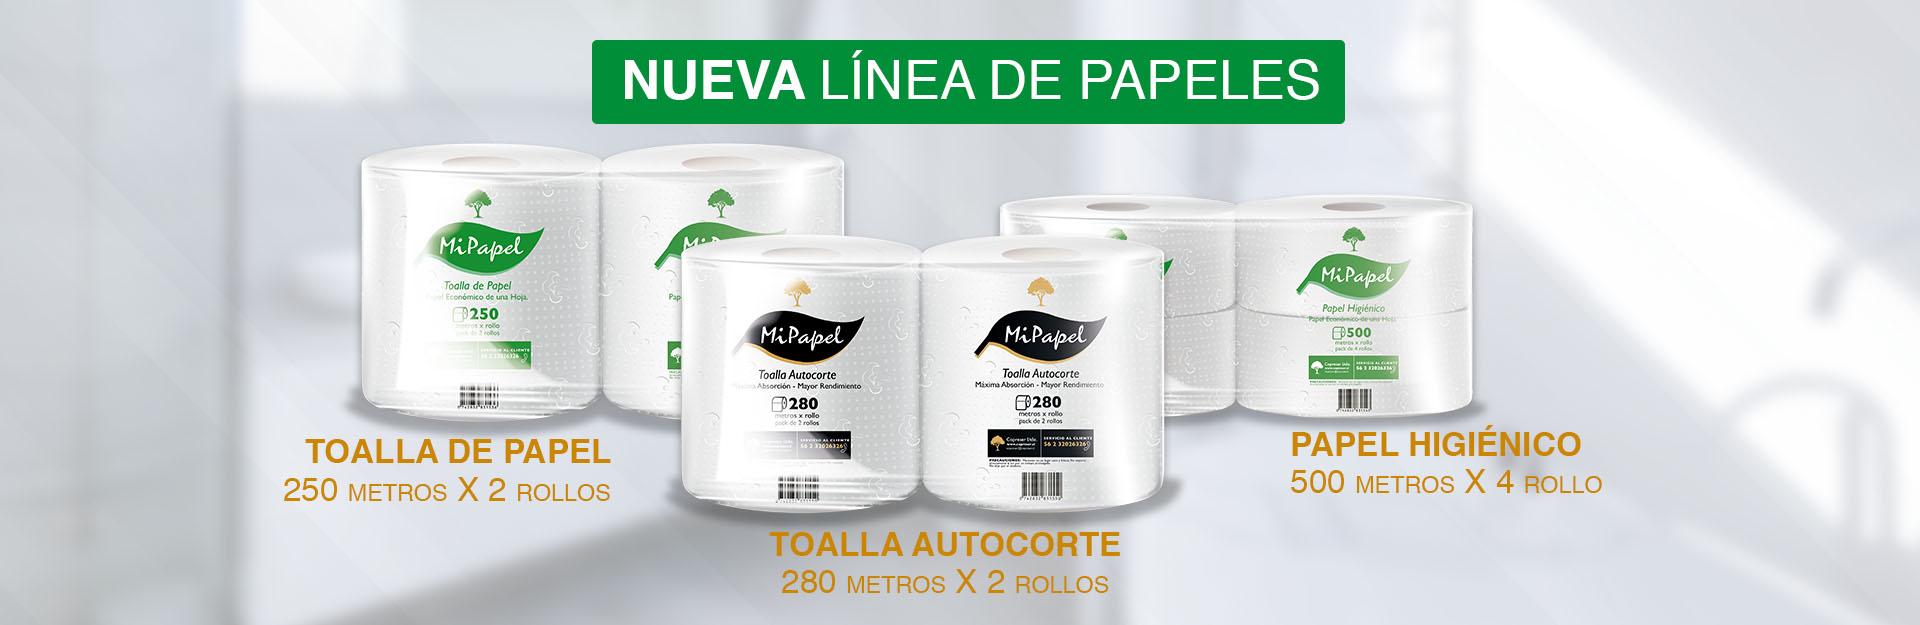 Banner EmpresarialesNueva Linea de papeles2